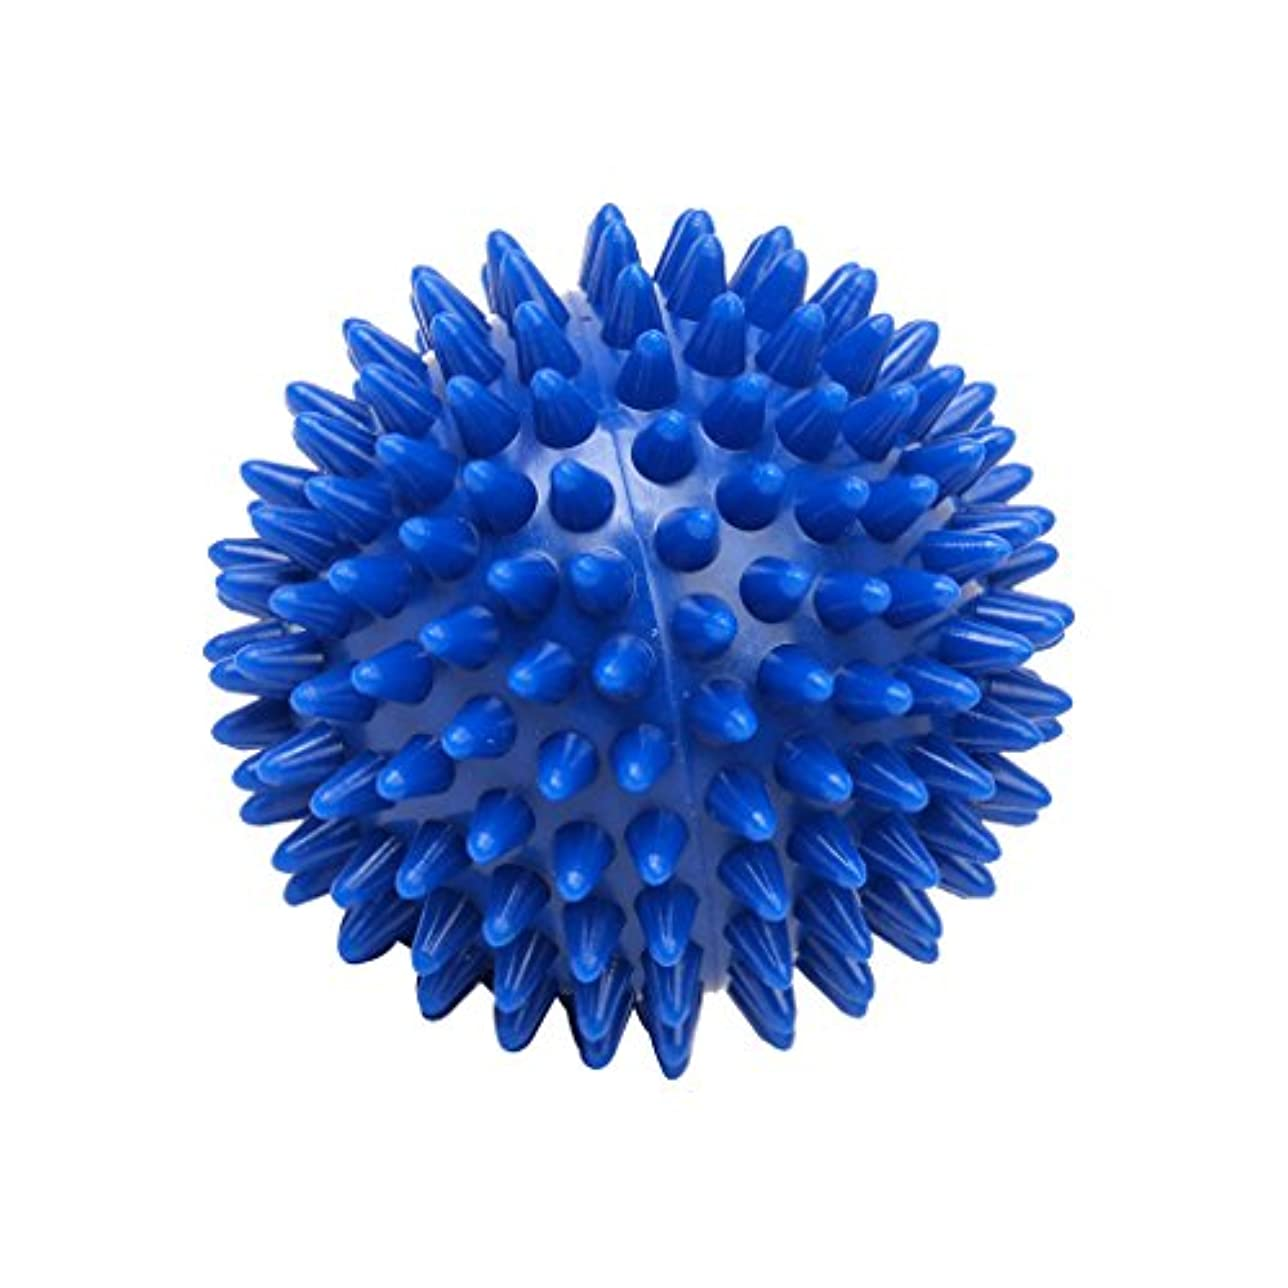 デッドロック着替えるフラグラントFootful マッサージボール 健康グッズ 健康器具 血液循環促進 緊張緩和 7cm ブルー